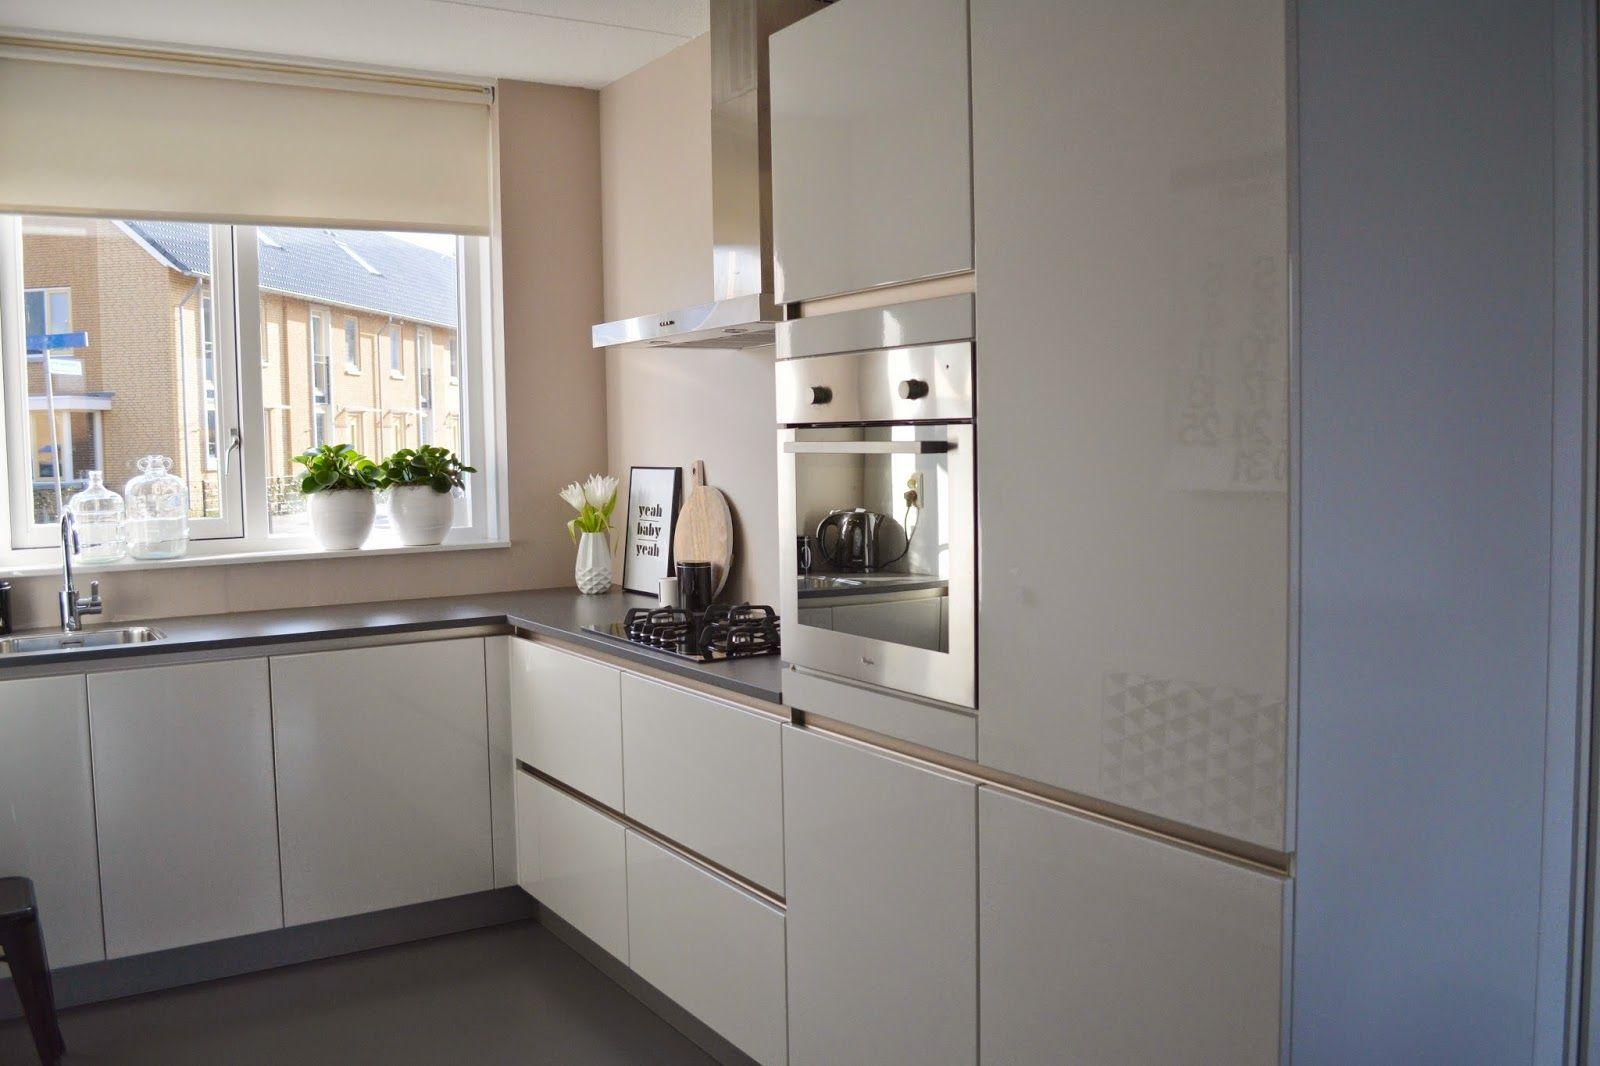 Keuken Design Inspiratie : Keuken inspiratie l vorm google zoeken keuken kitchen